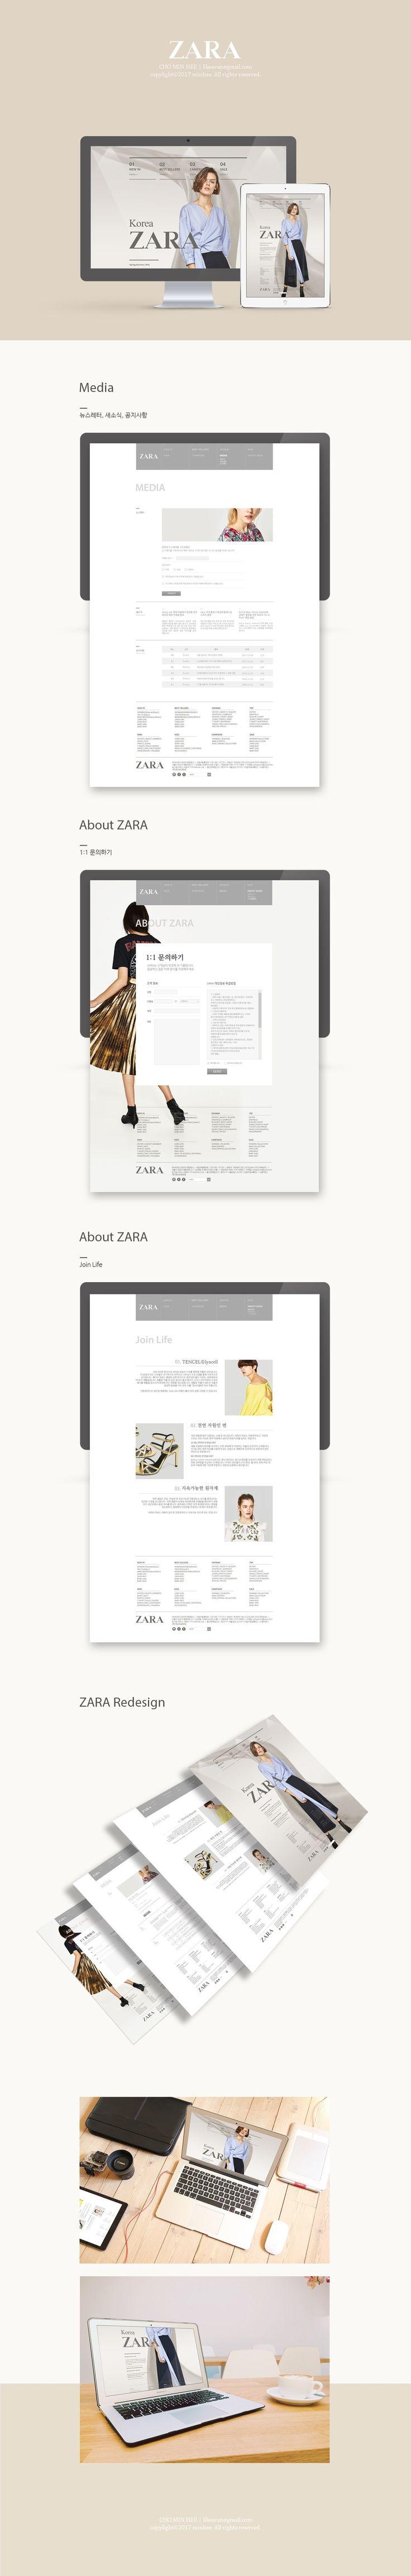 욱스웹디자인아카데미-ZARA Korearedesign - Design by - Cho-minhee